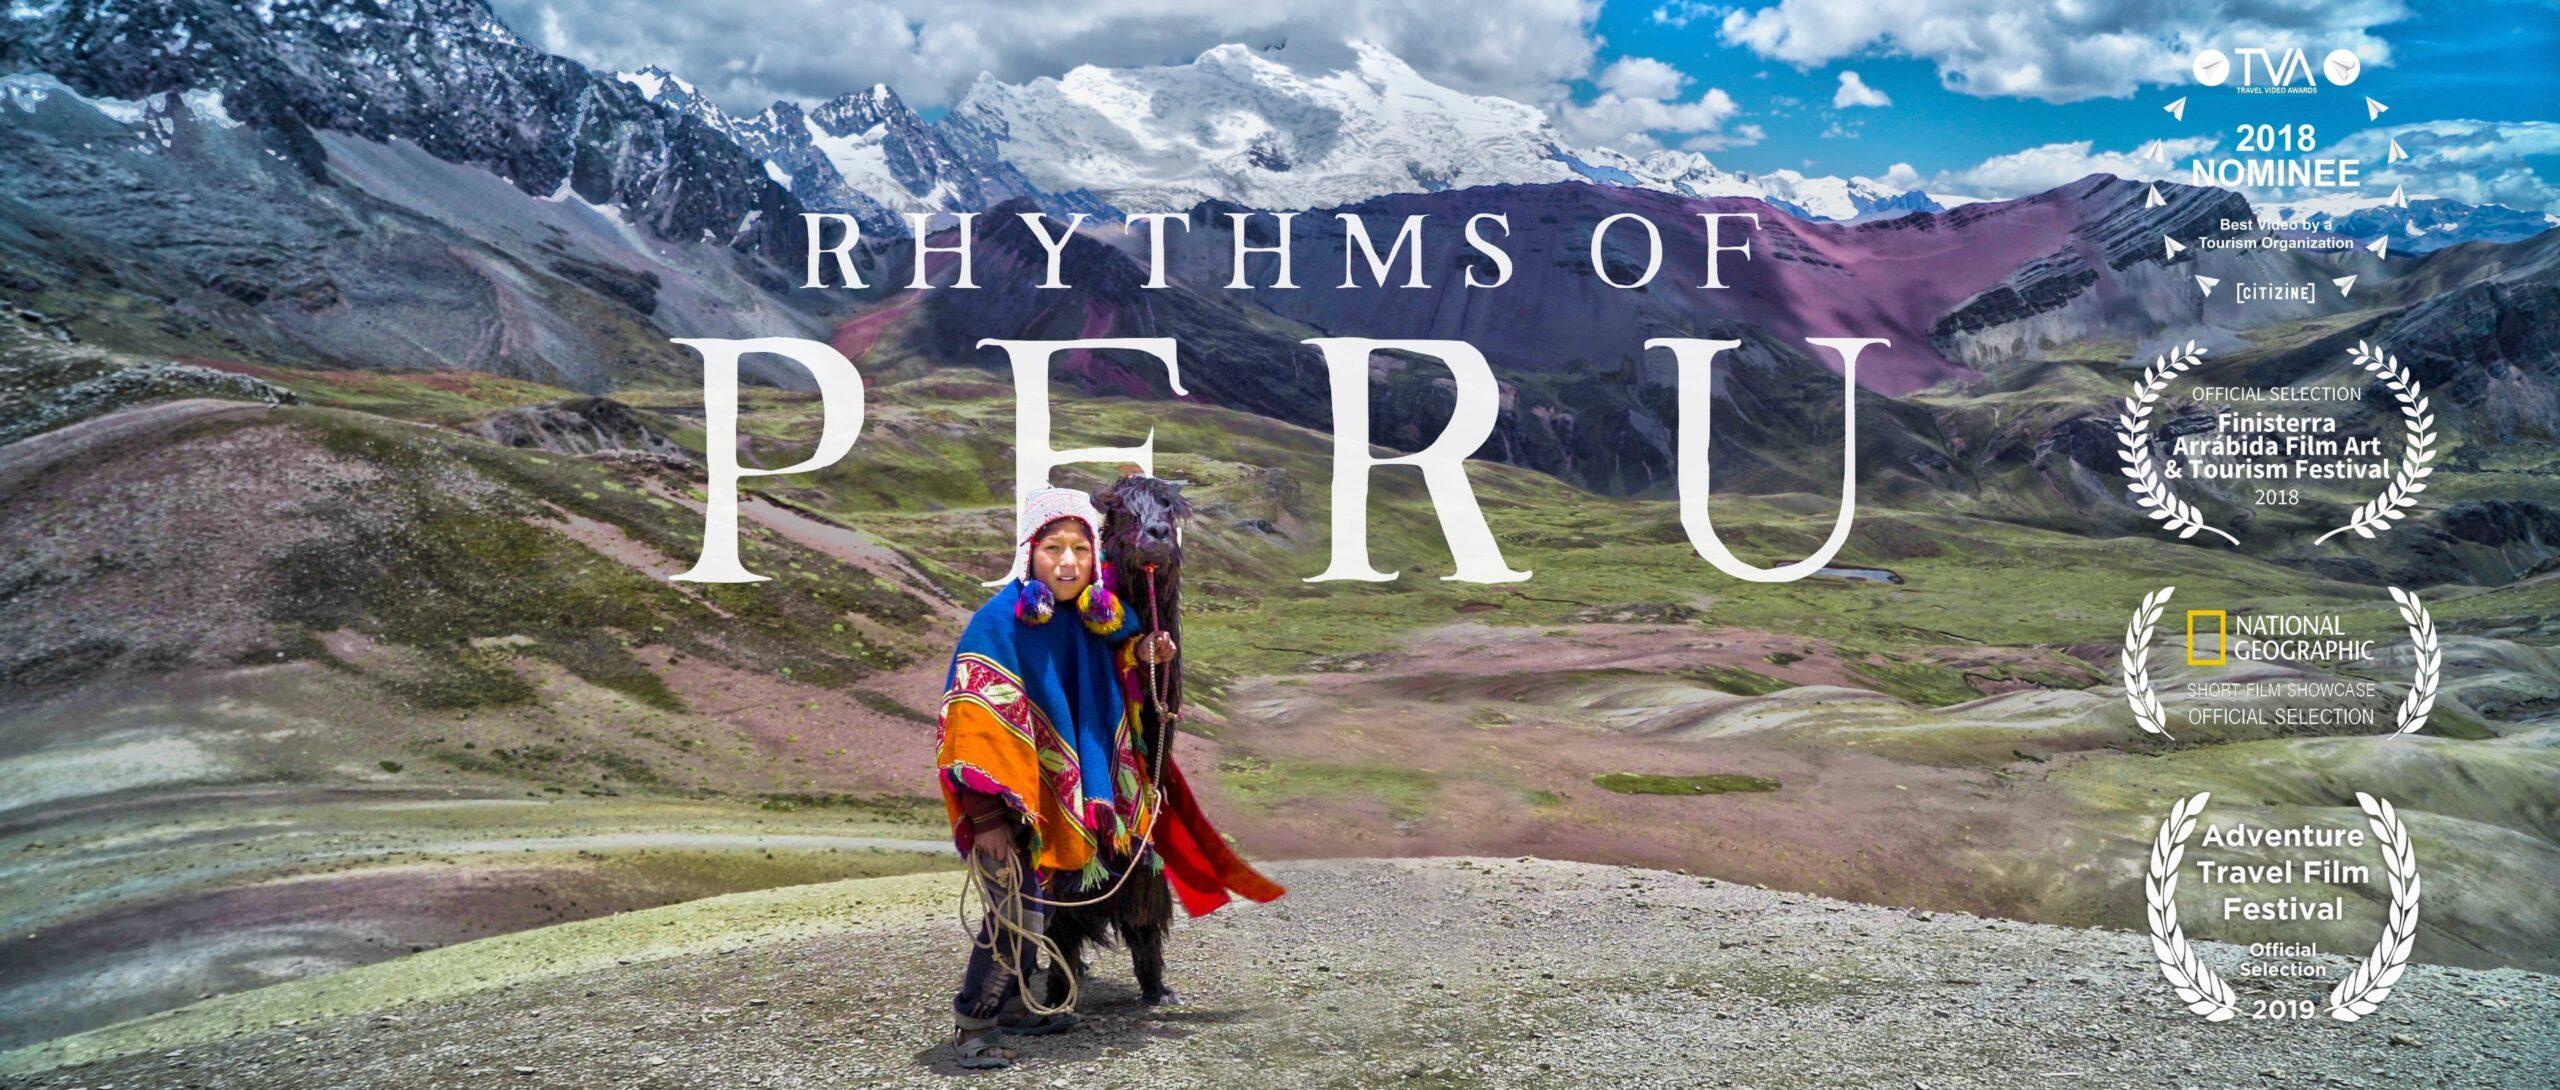 RHYTHMS OF PERU - cover